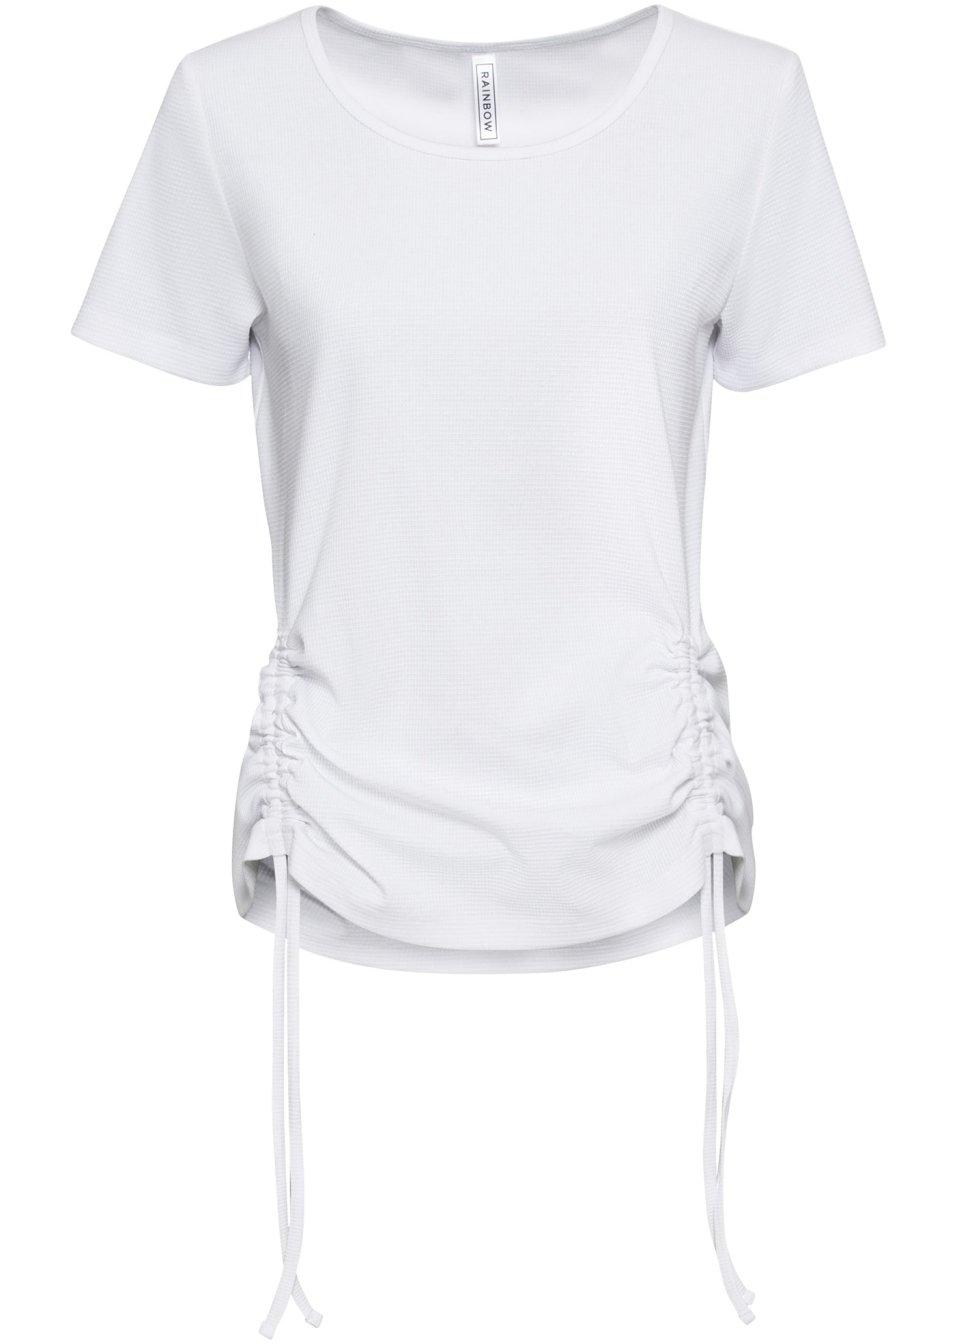 Shirt mit Raffung weiß - RAINBOW - bonprix.de OnmcJ 7mf3F